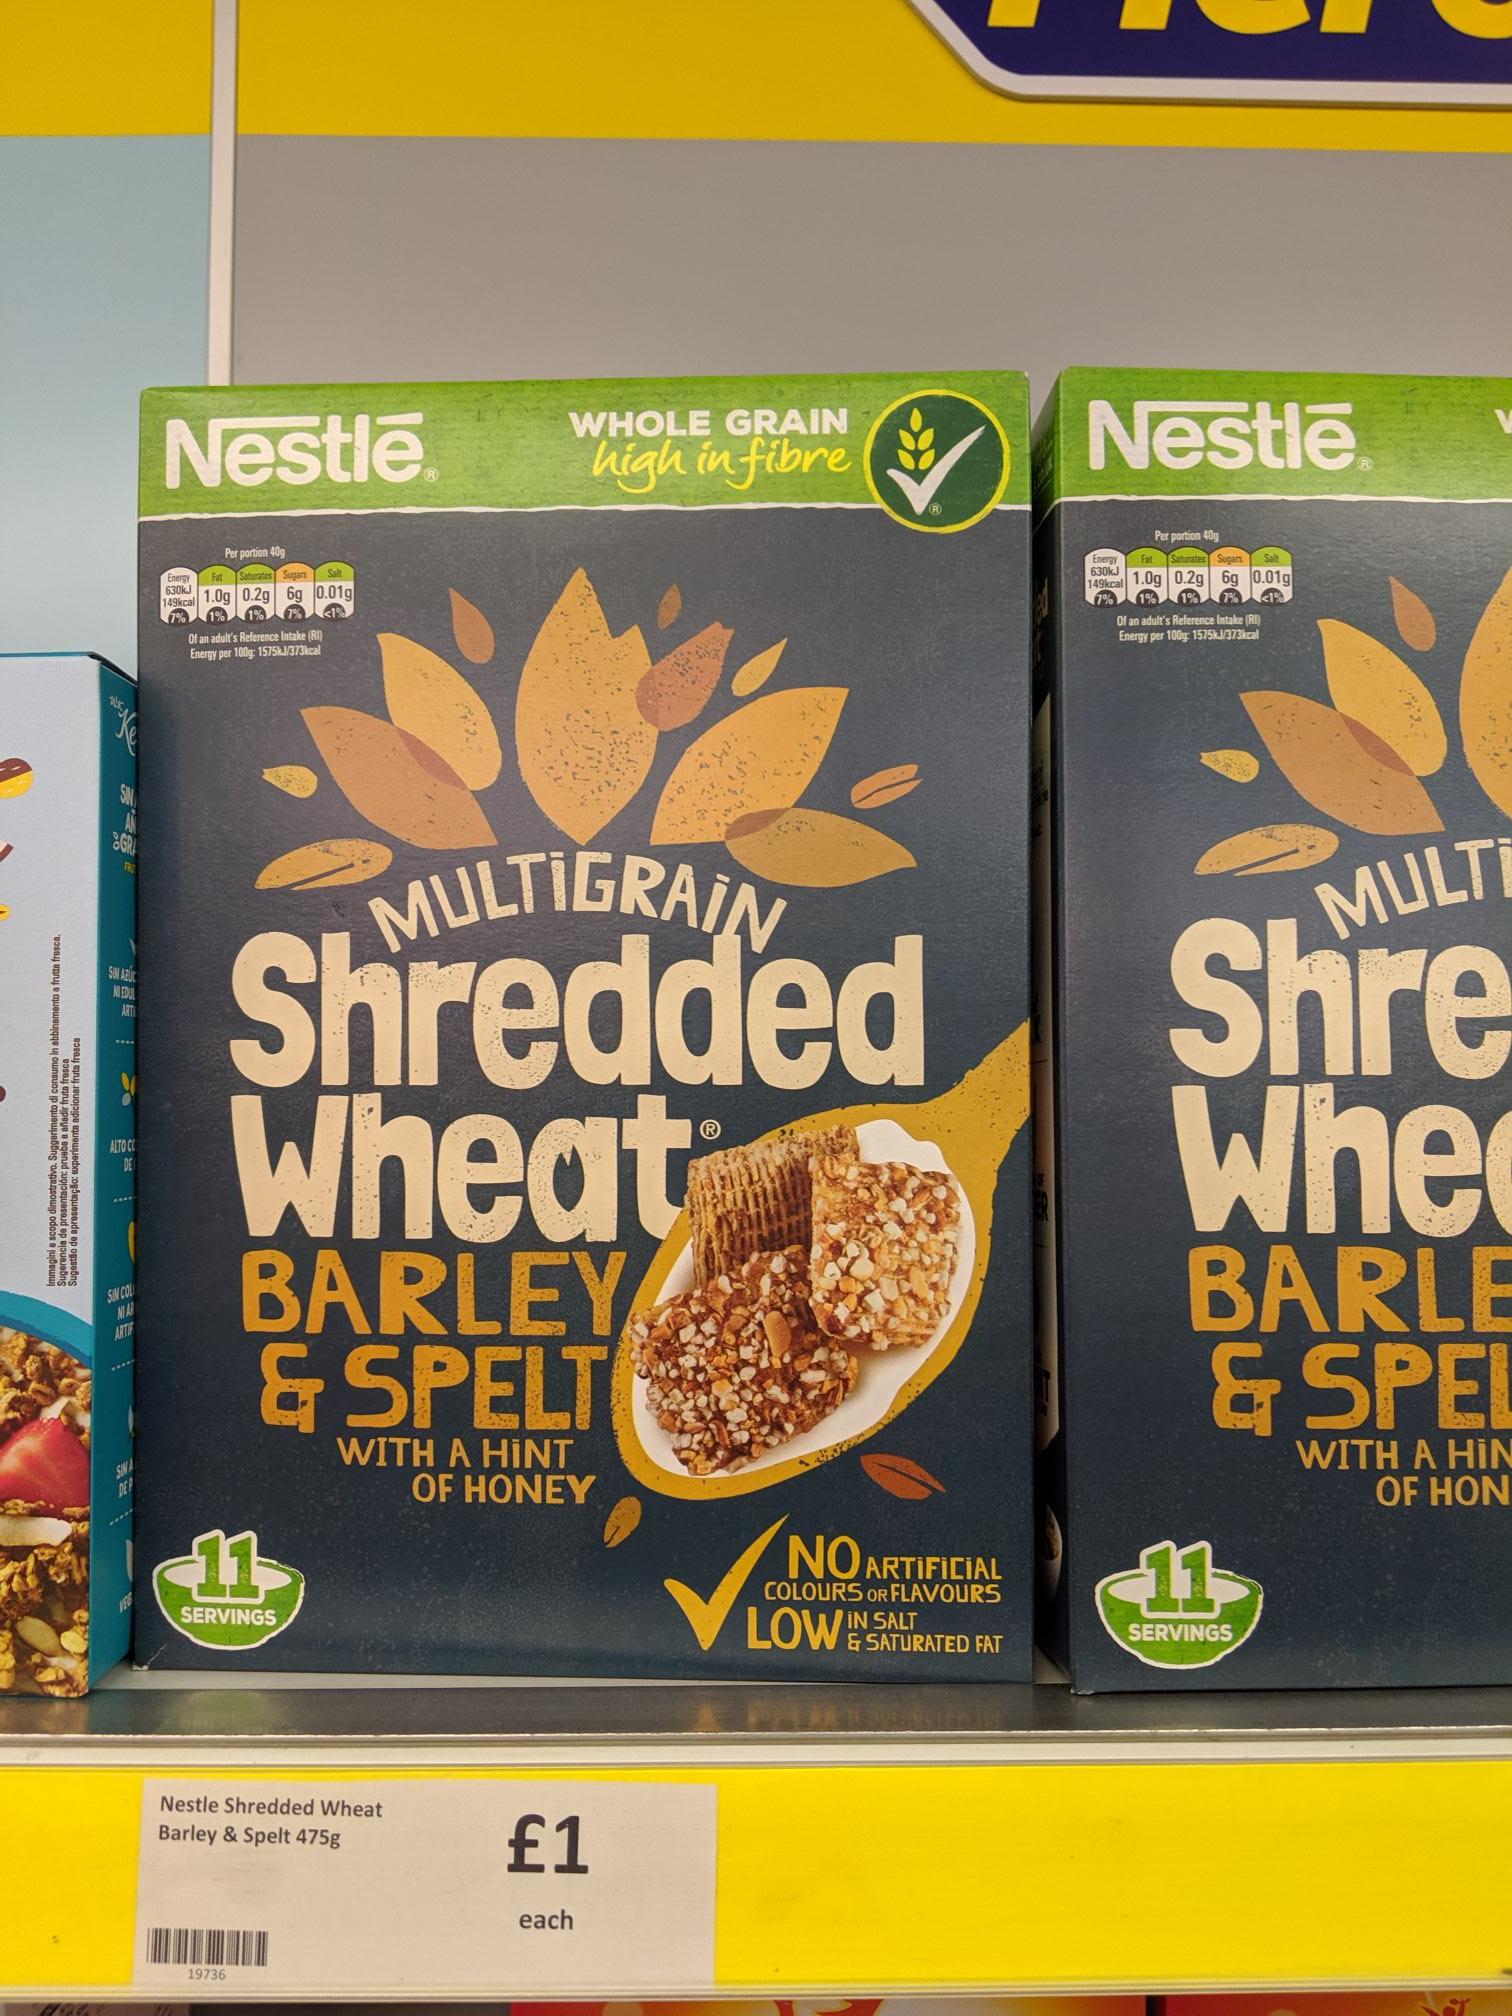 Heron Foods - Multigrain Shredded Wheat Barley and Spelt - 475g - £1